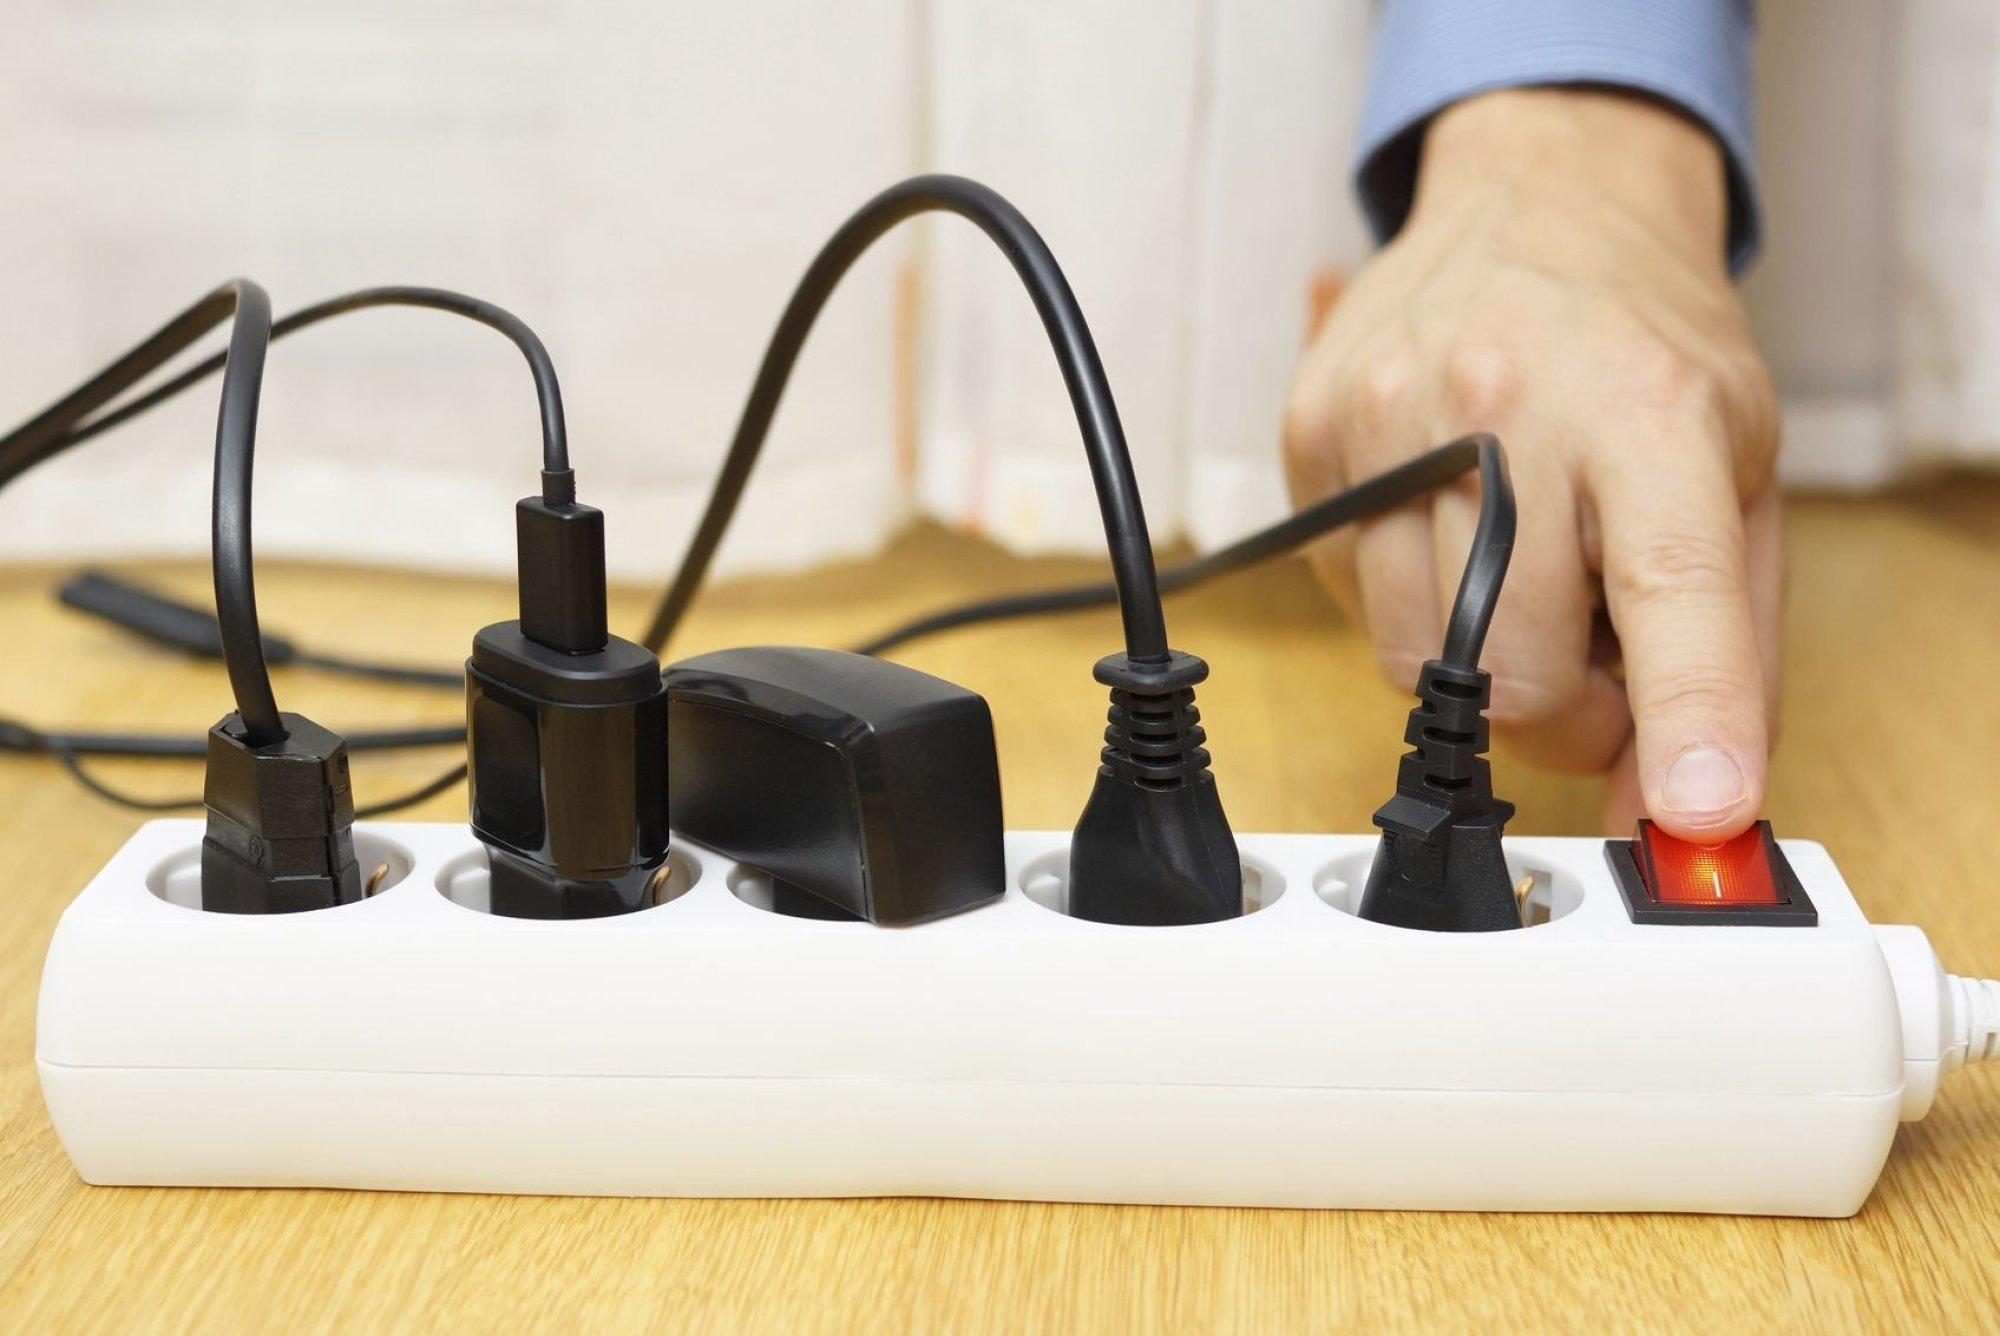 """Картинки по запросу """"5 приборов, которые сжигают электричество даже в выключенном режиме"""""""""""